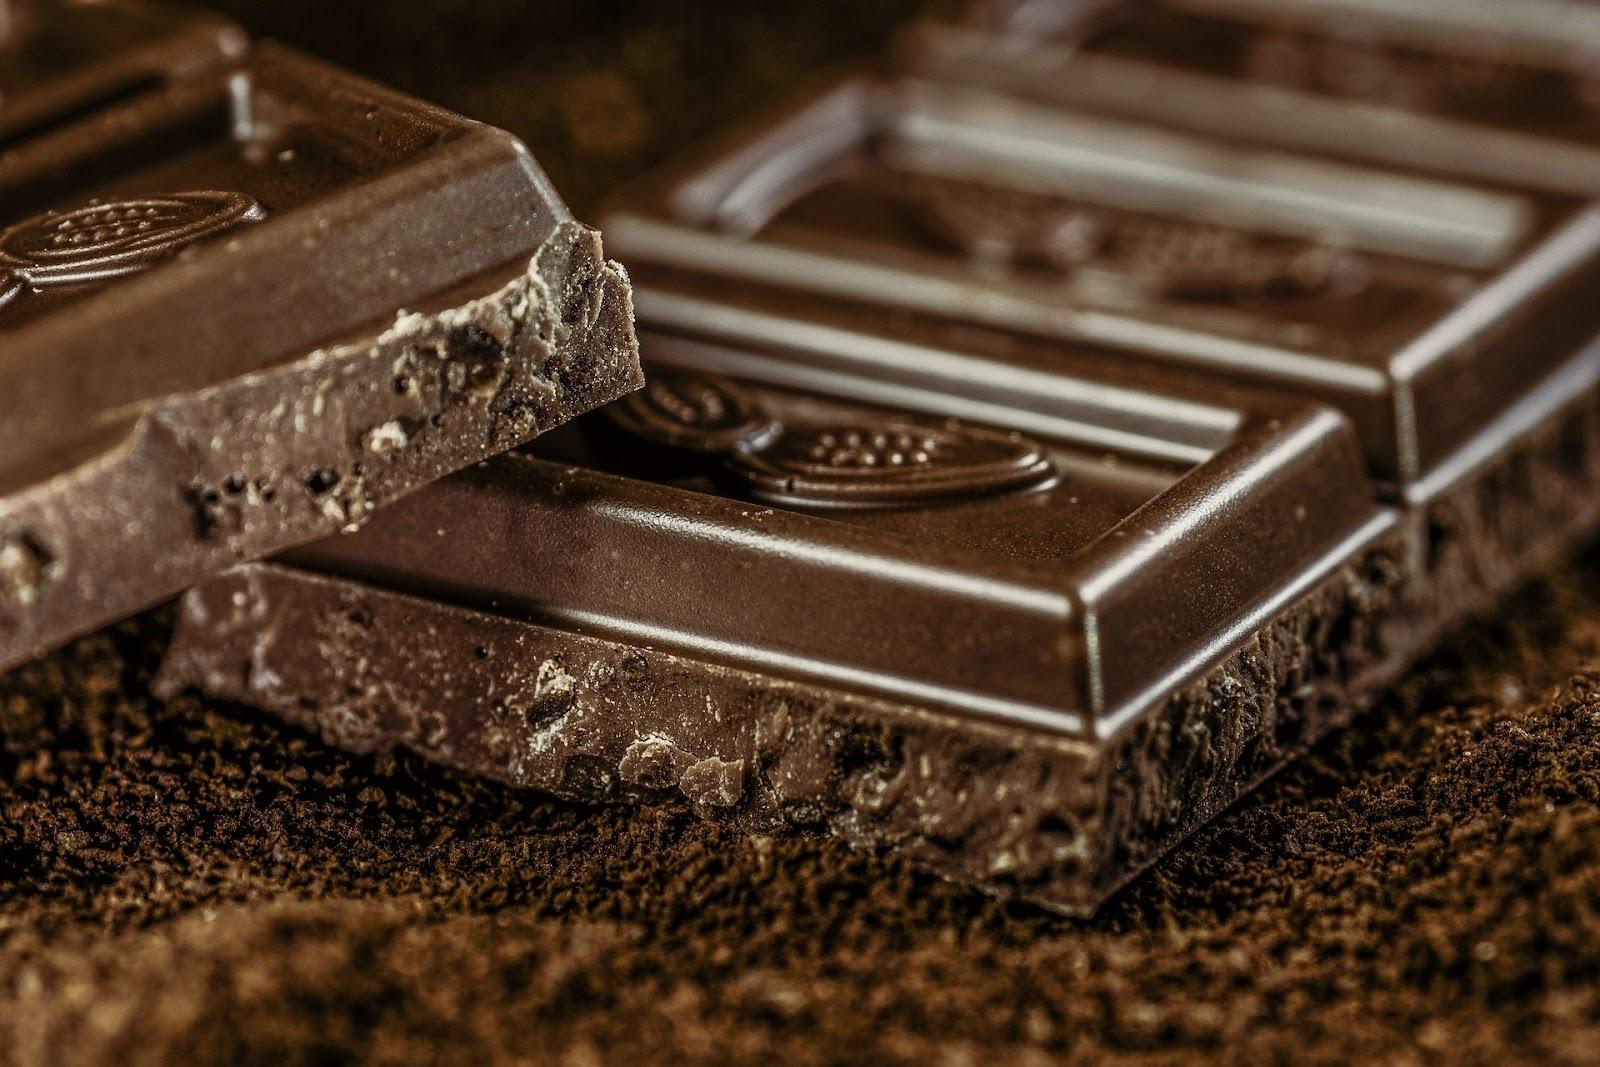 Čokoláda i avokádo mohou psovi způsobit problémy